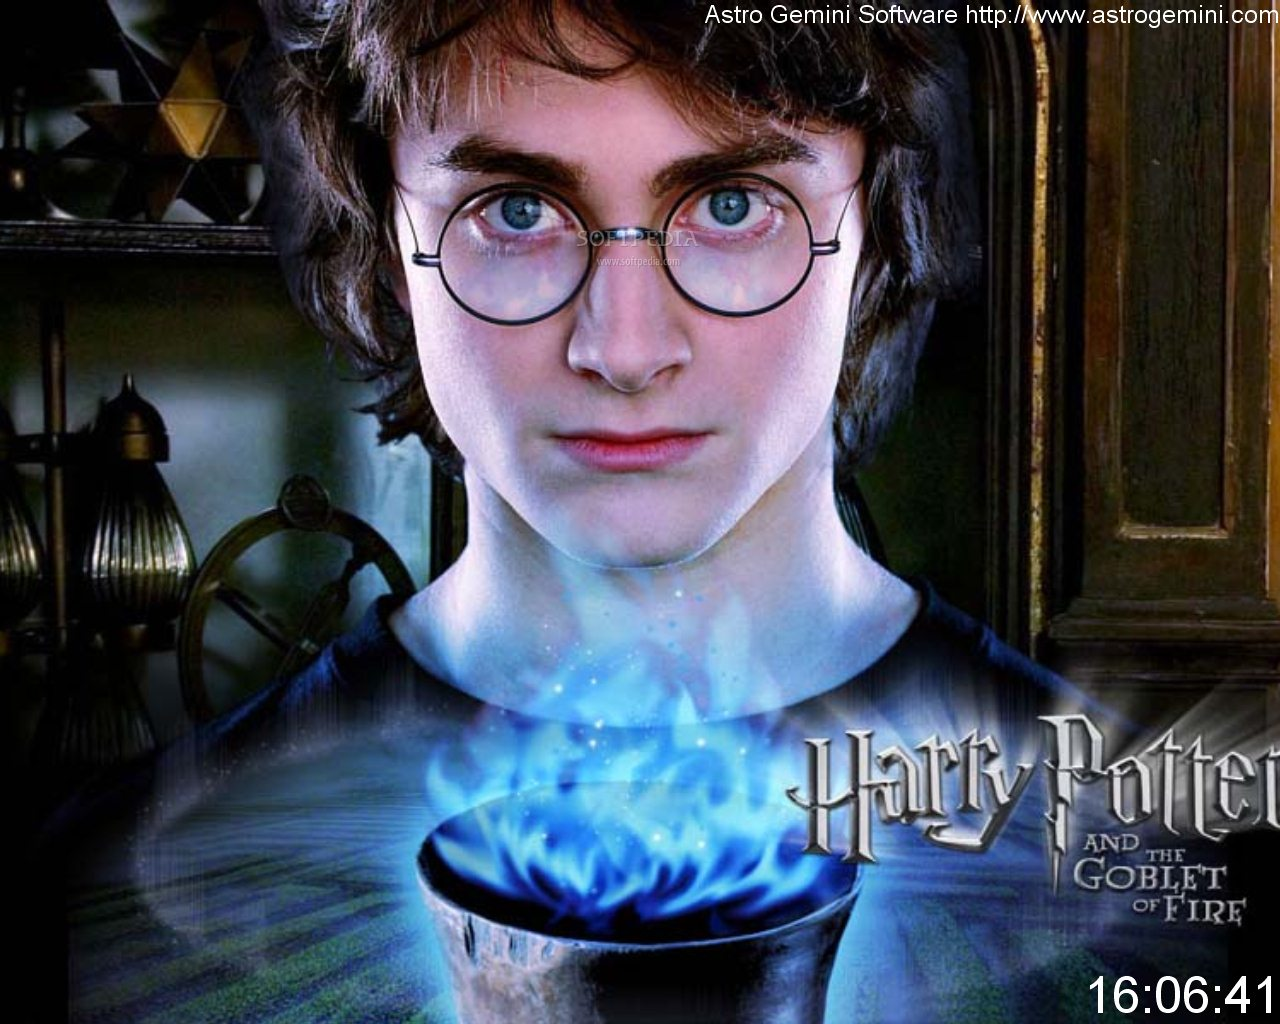 http://4.bp.blogspot.com/_CBxRProk46s/TUaxShbzbFI/AAAAAAAAAJQ/NKx68SSQUj4/s1600/Harry+Potter.jpg